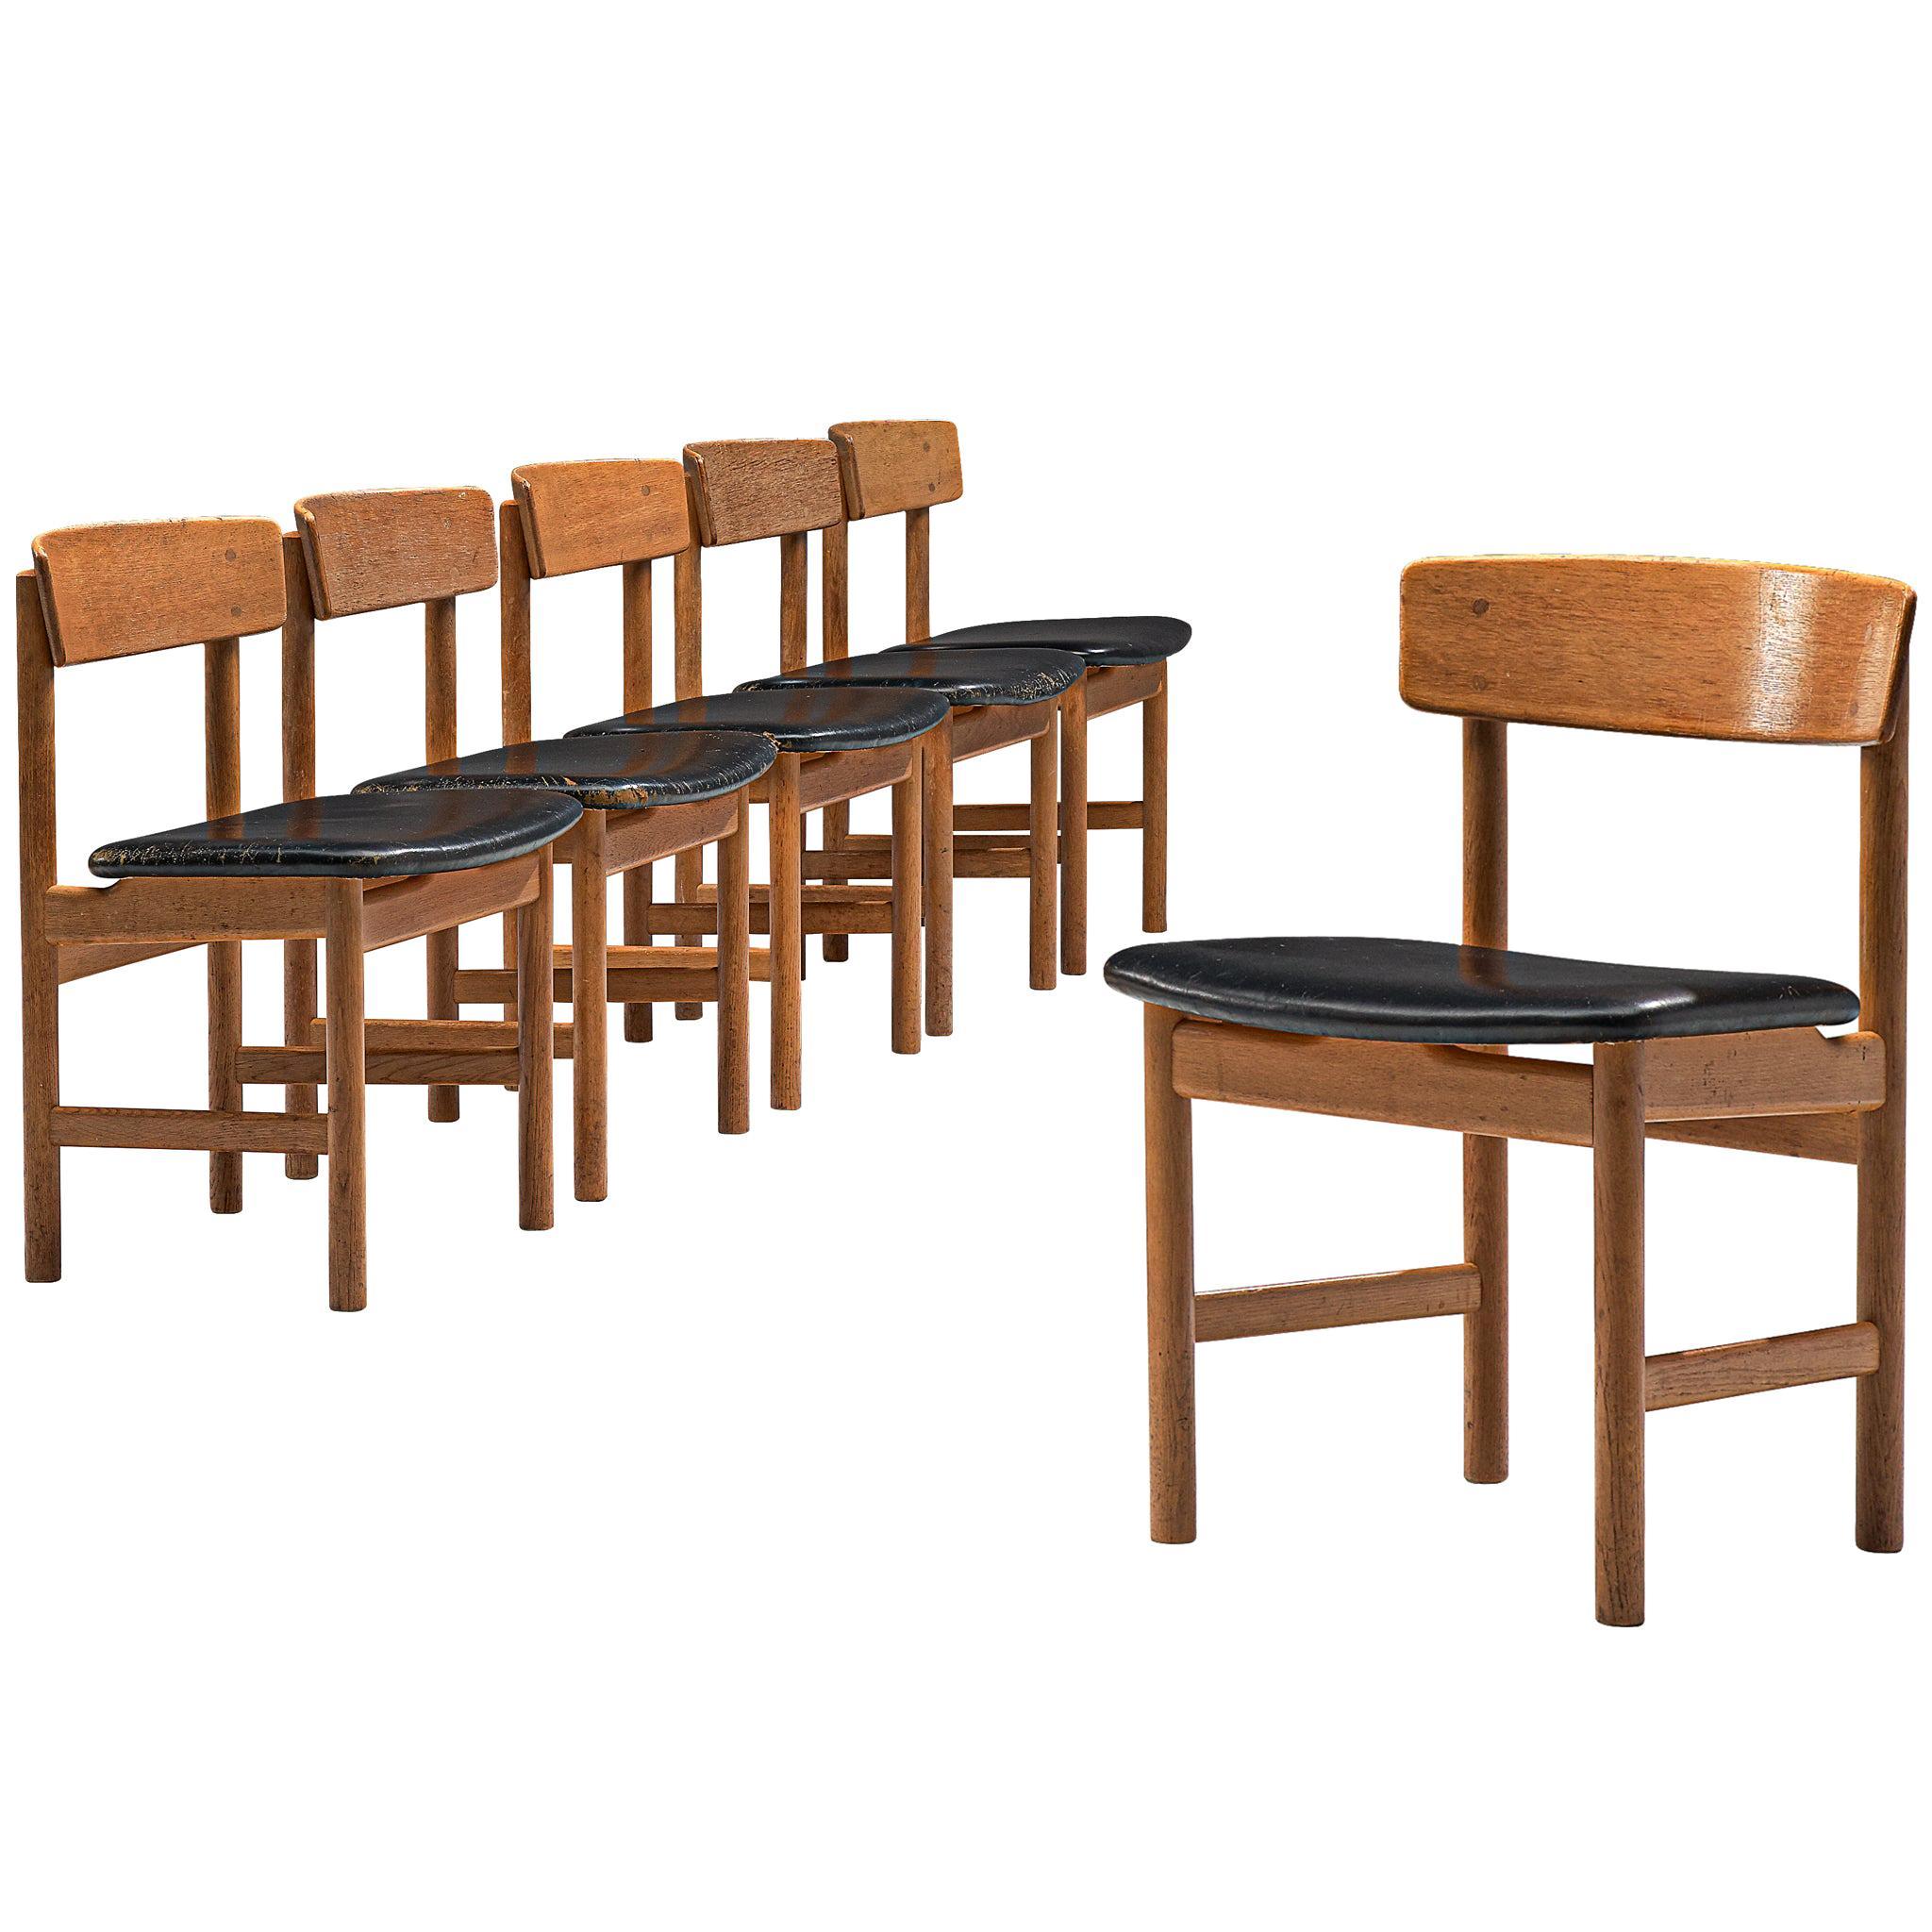 Børge Mogensen Early Set of Six Dining Chairs Model 3236 in Oak